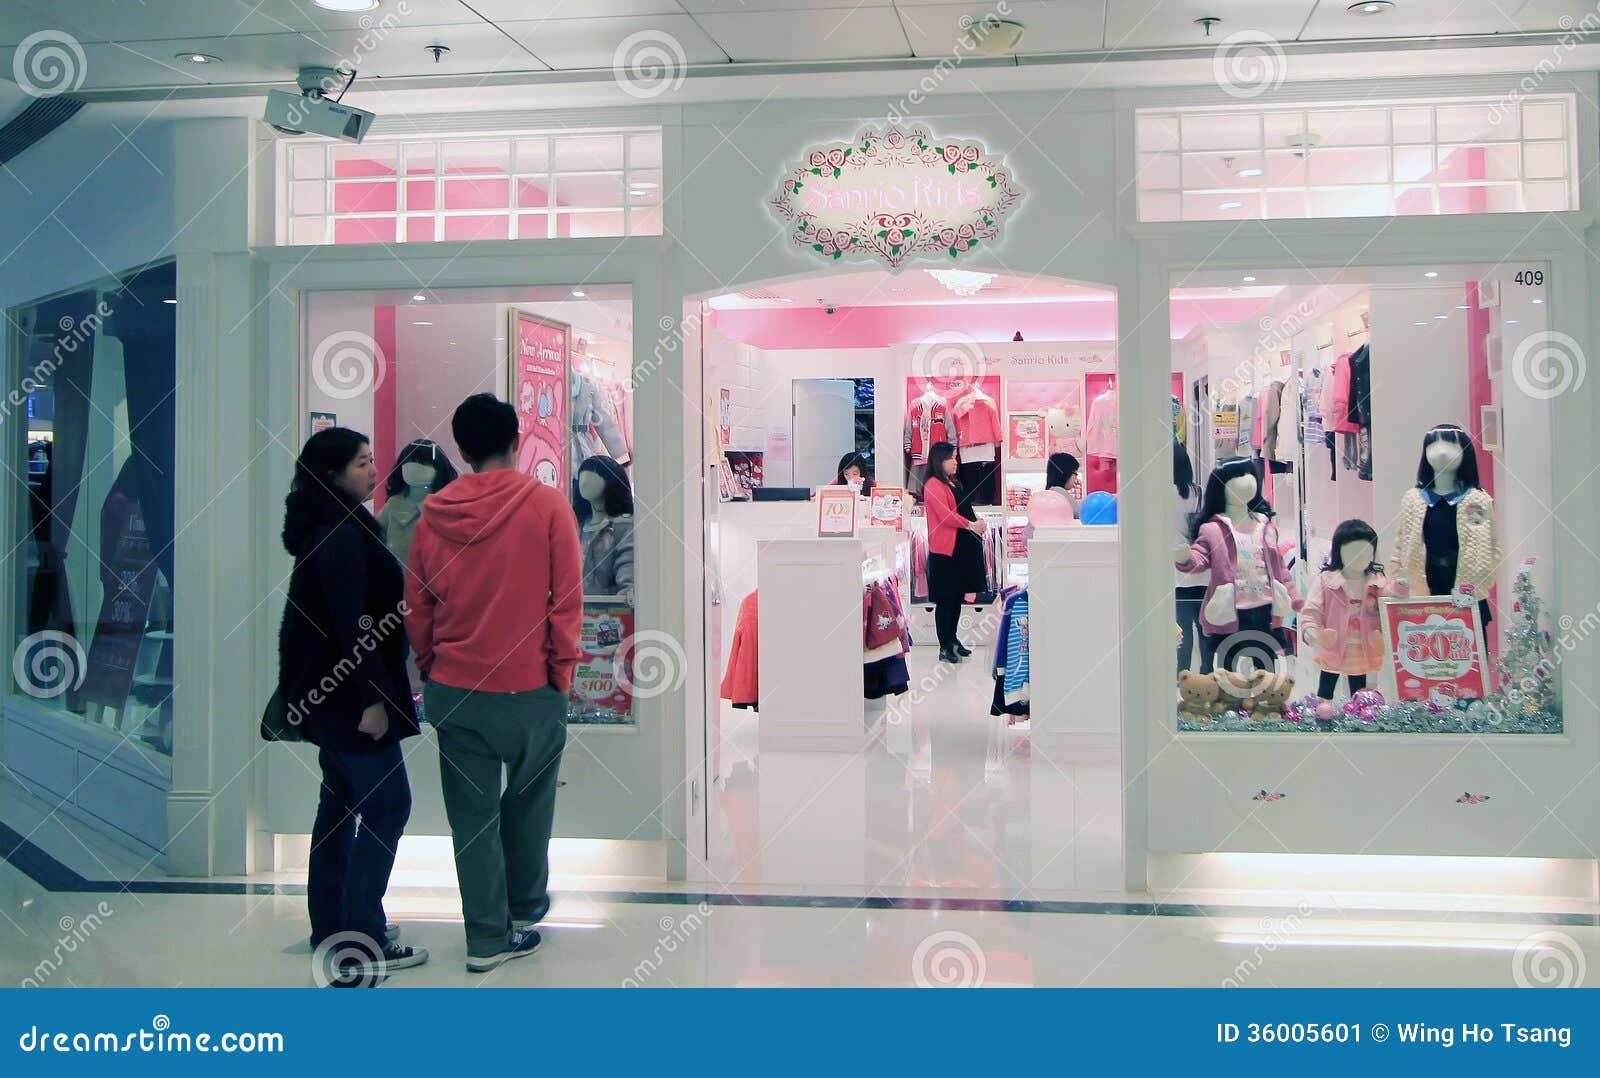 Clothes Shop For Kids